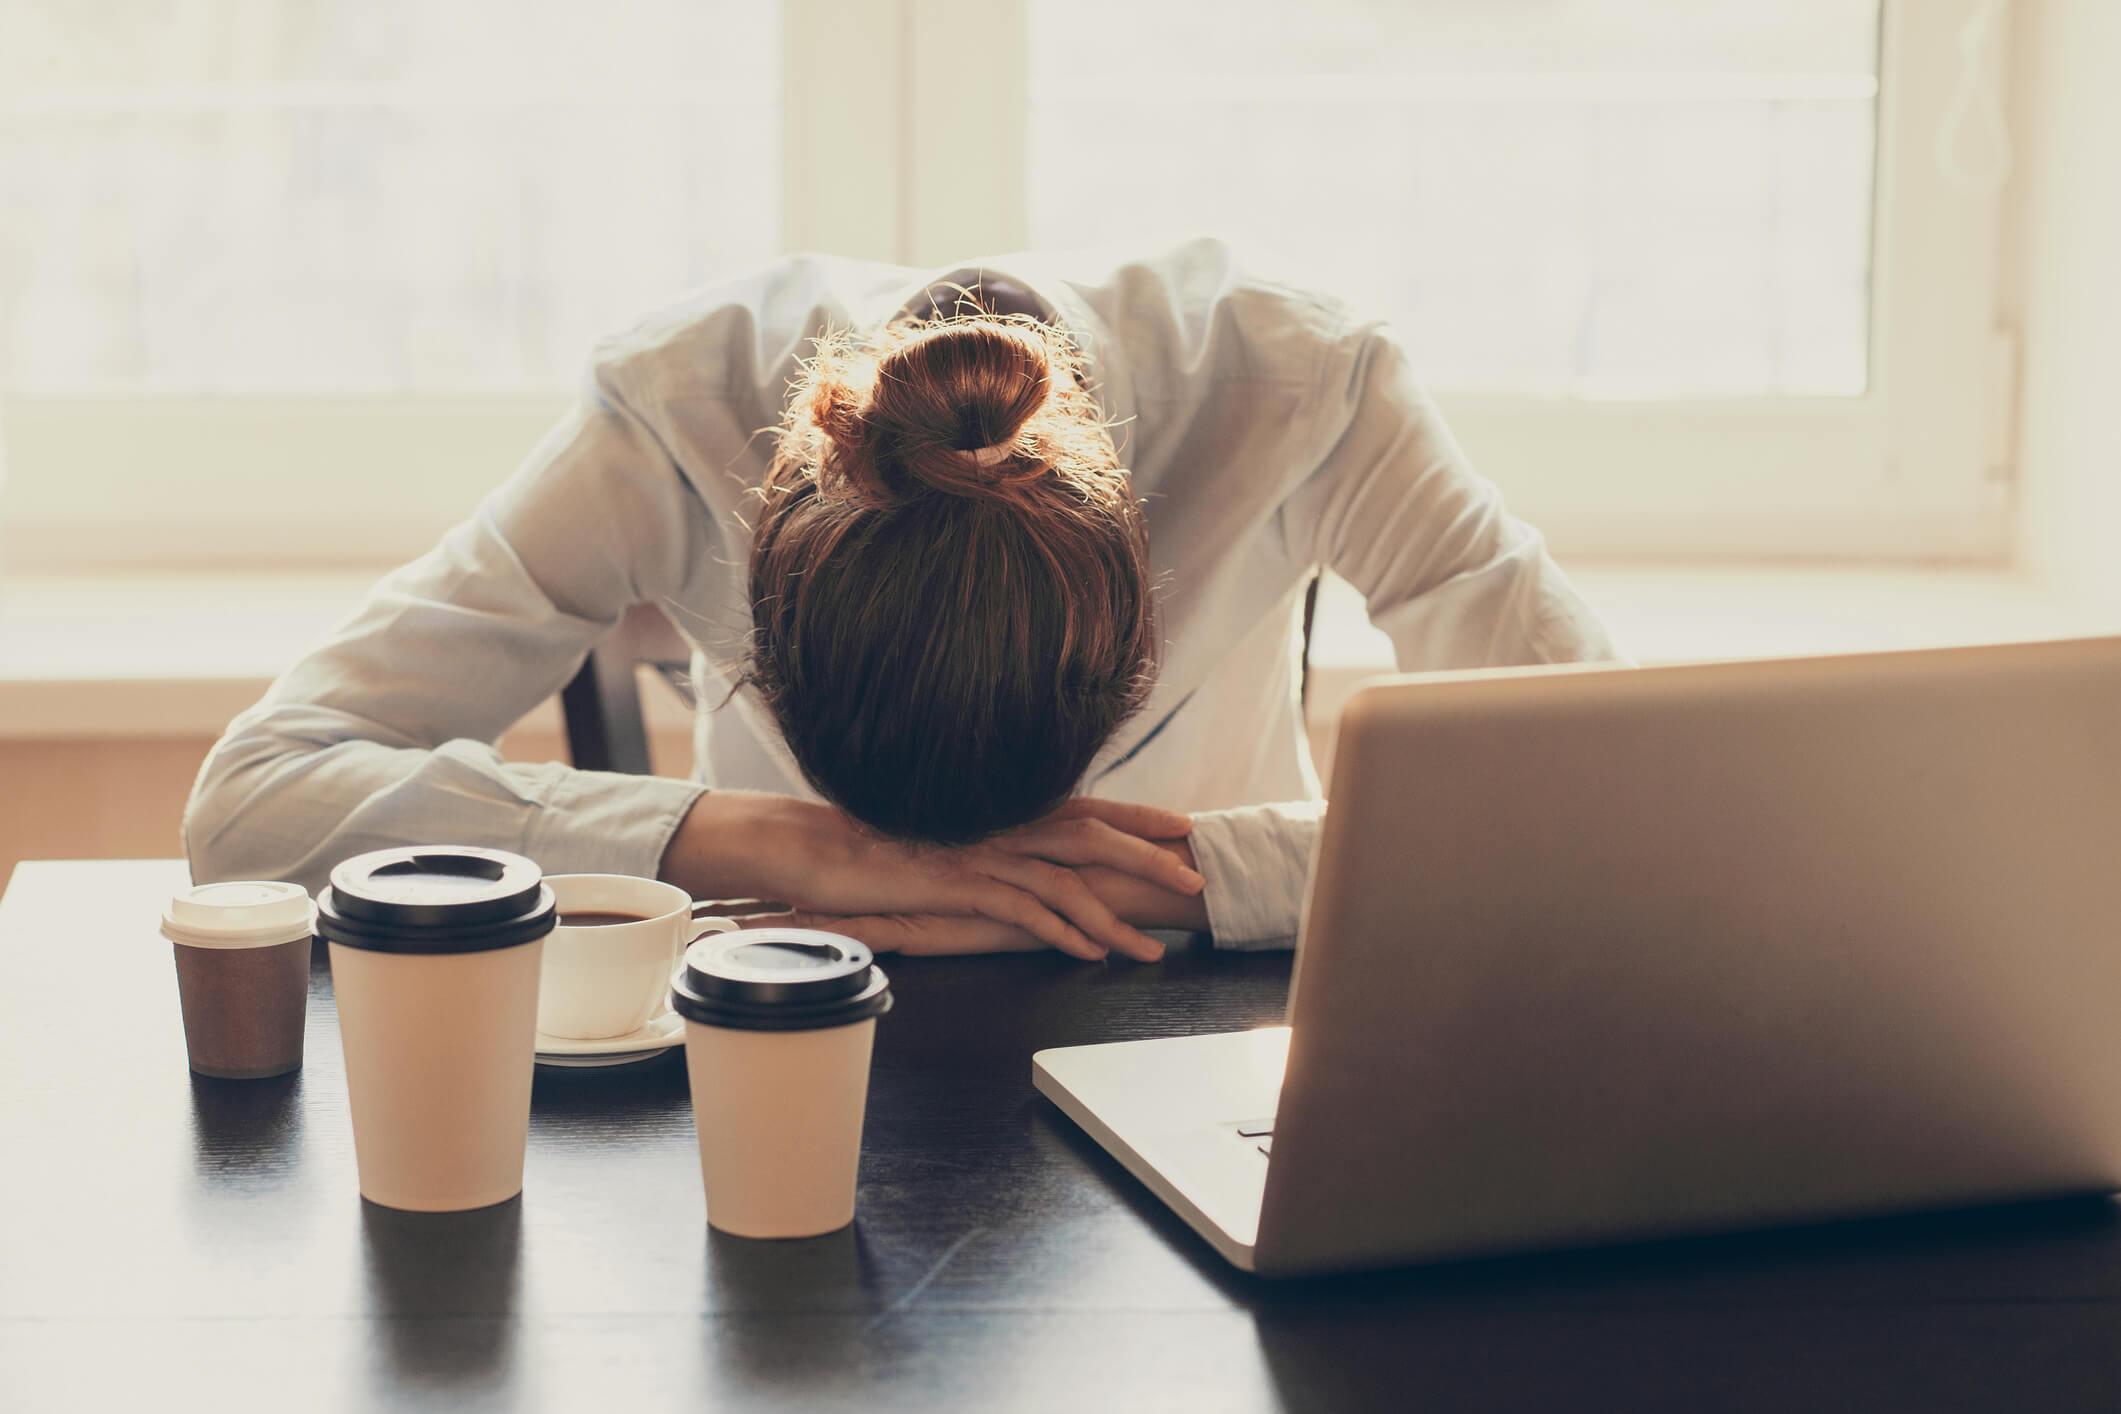 Slaaptekort is een groot probleem bij volwassenen en jongeren